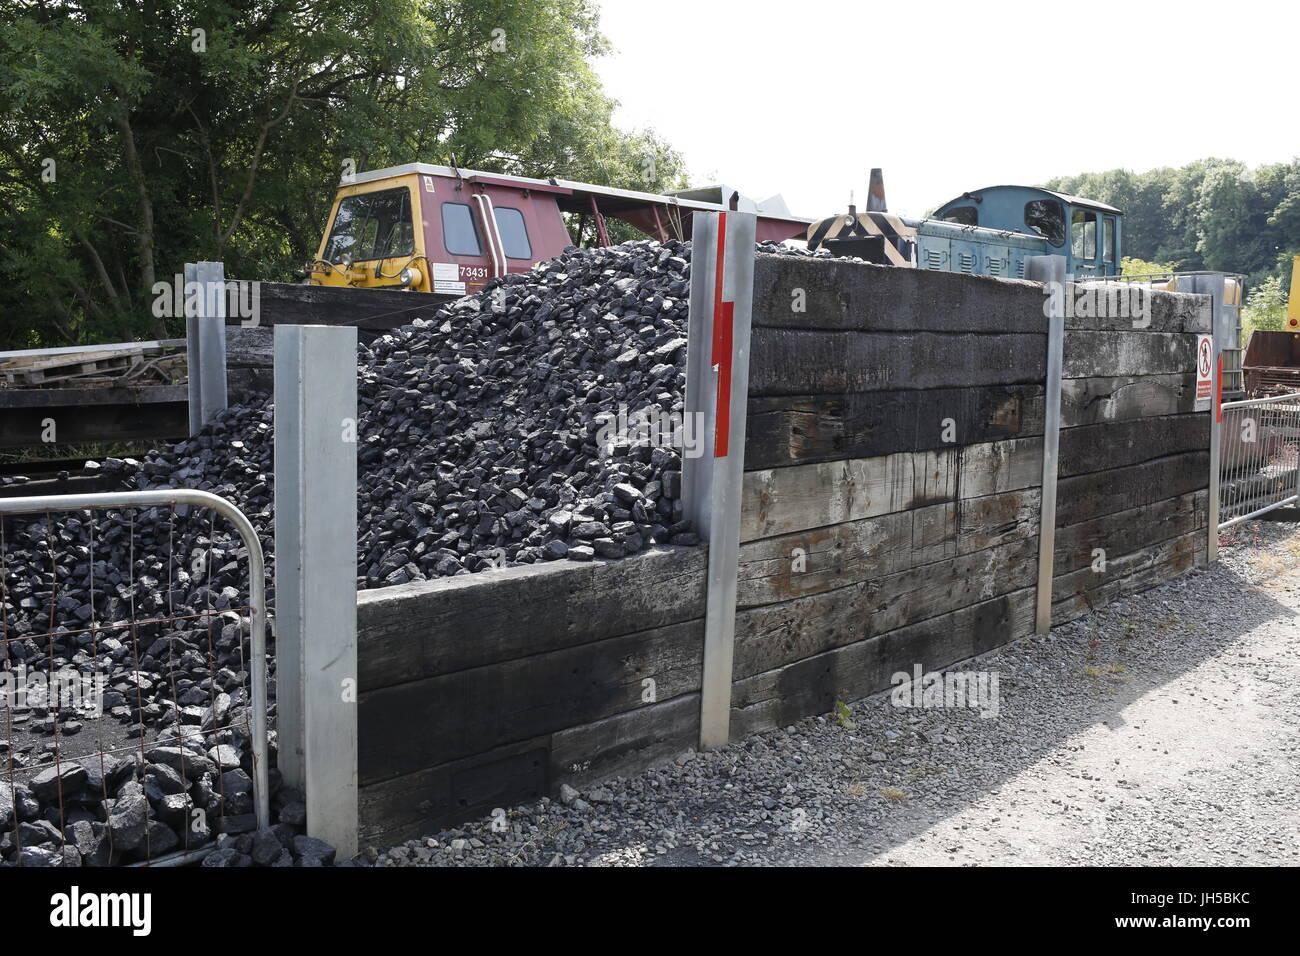 Coal store on railway - Stock Image